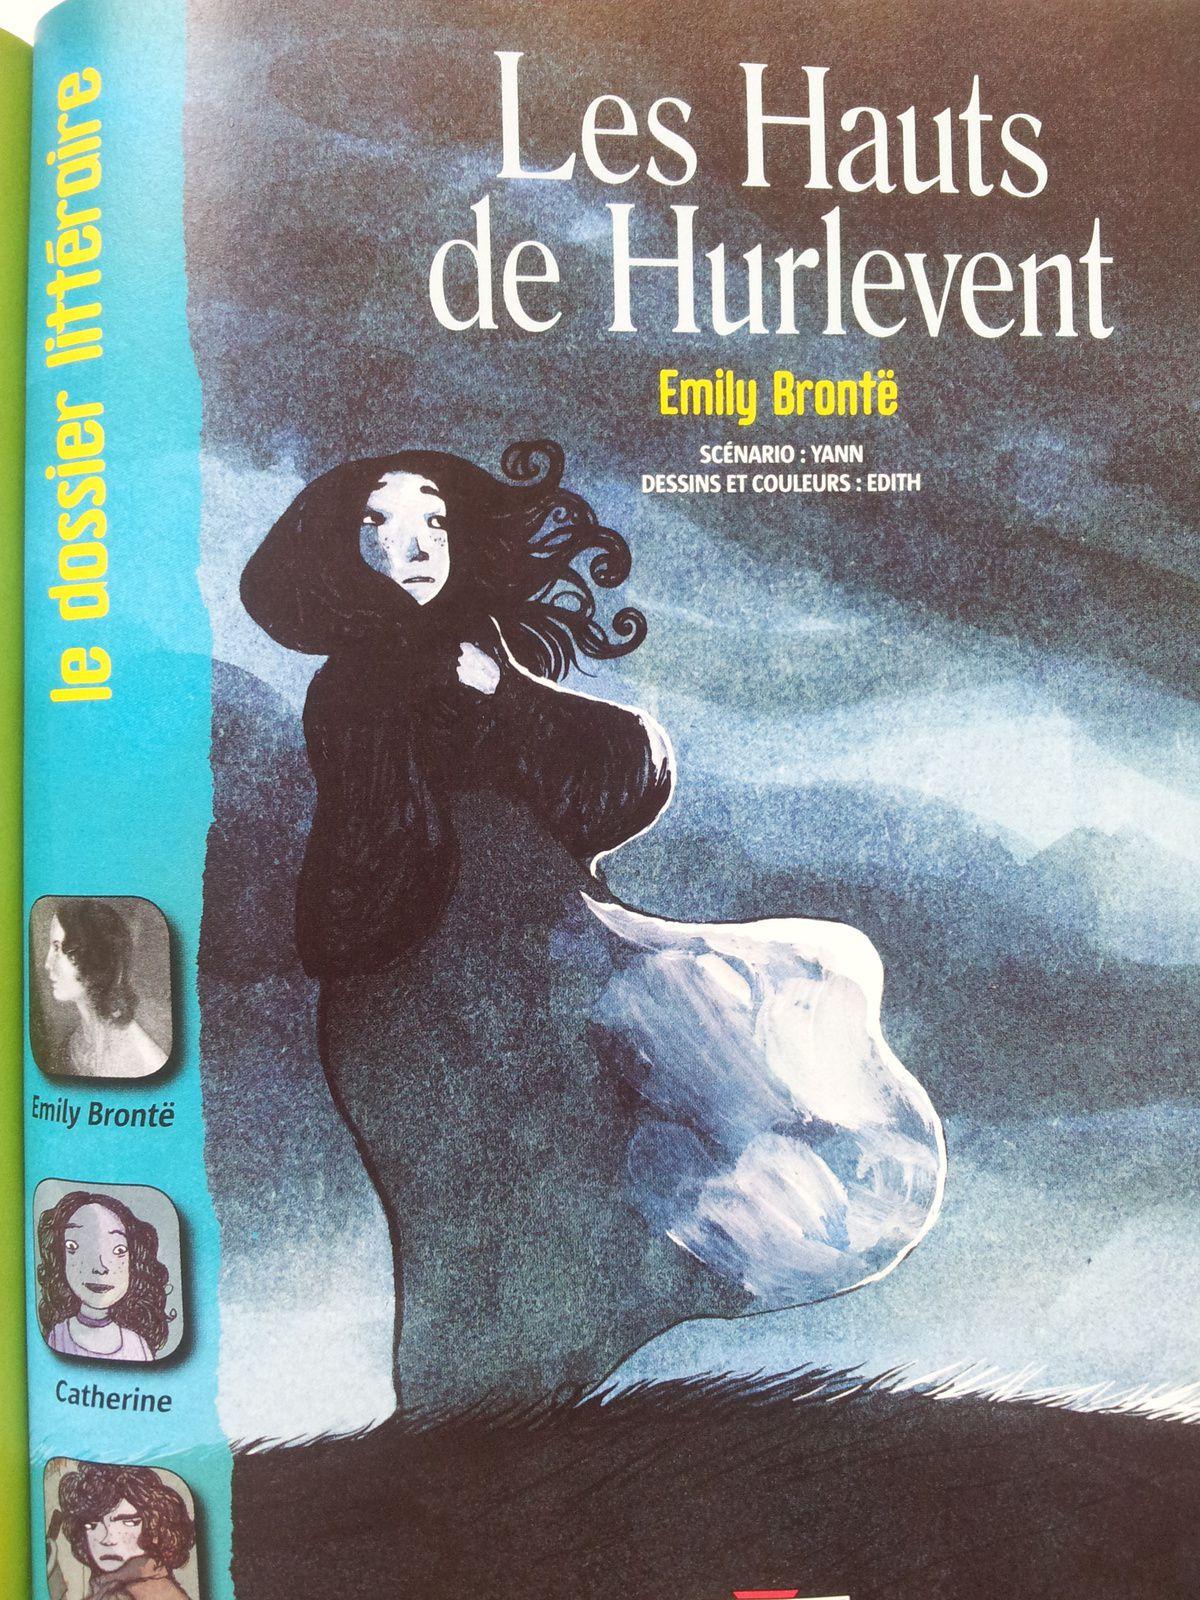 Couverture de la BD et première partie - Rappel des personnages et de l'histoire pour la deuxième partie.